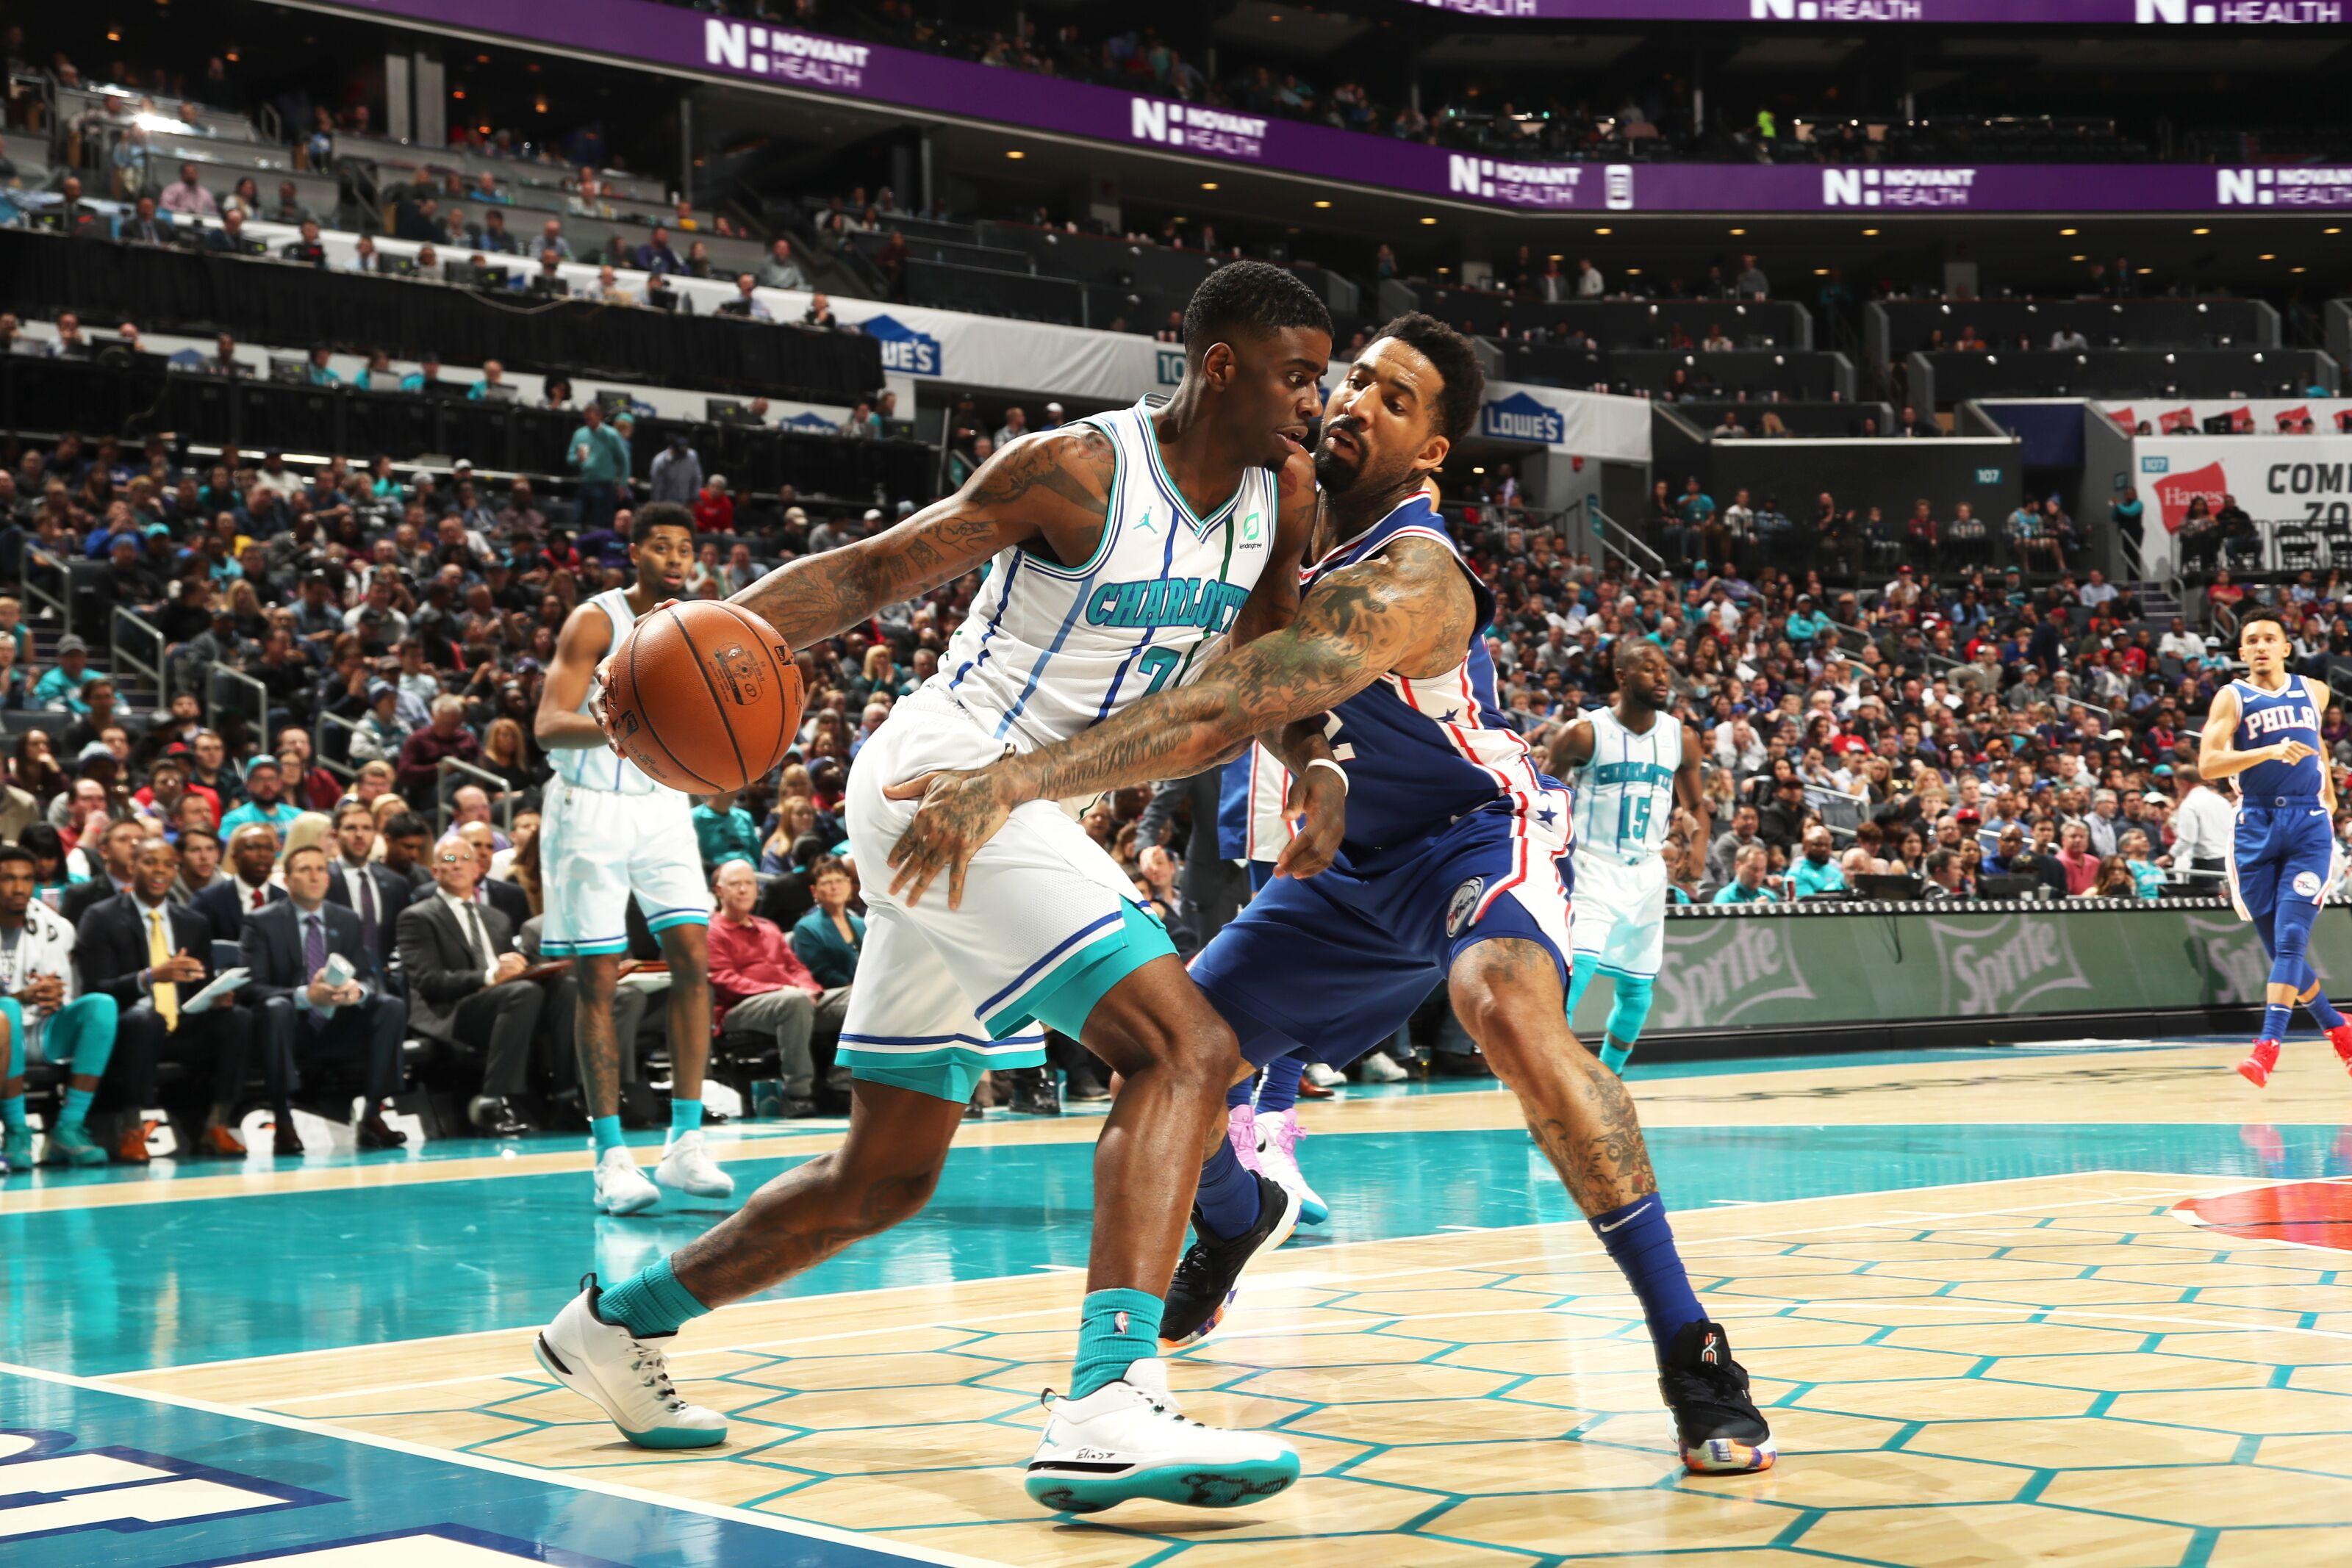 Charlotte Hornets return home to face the Philadelphia 76ers